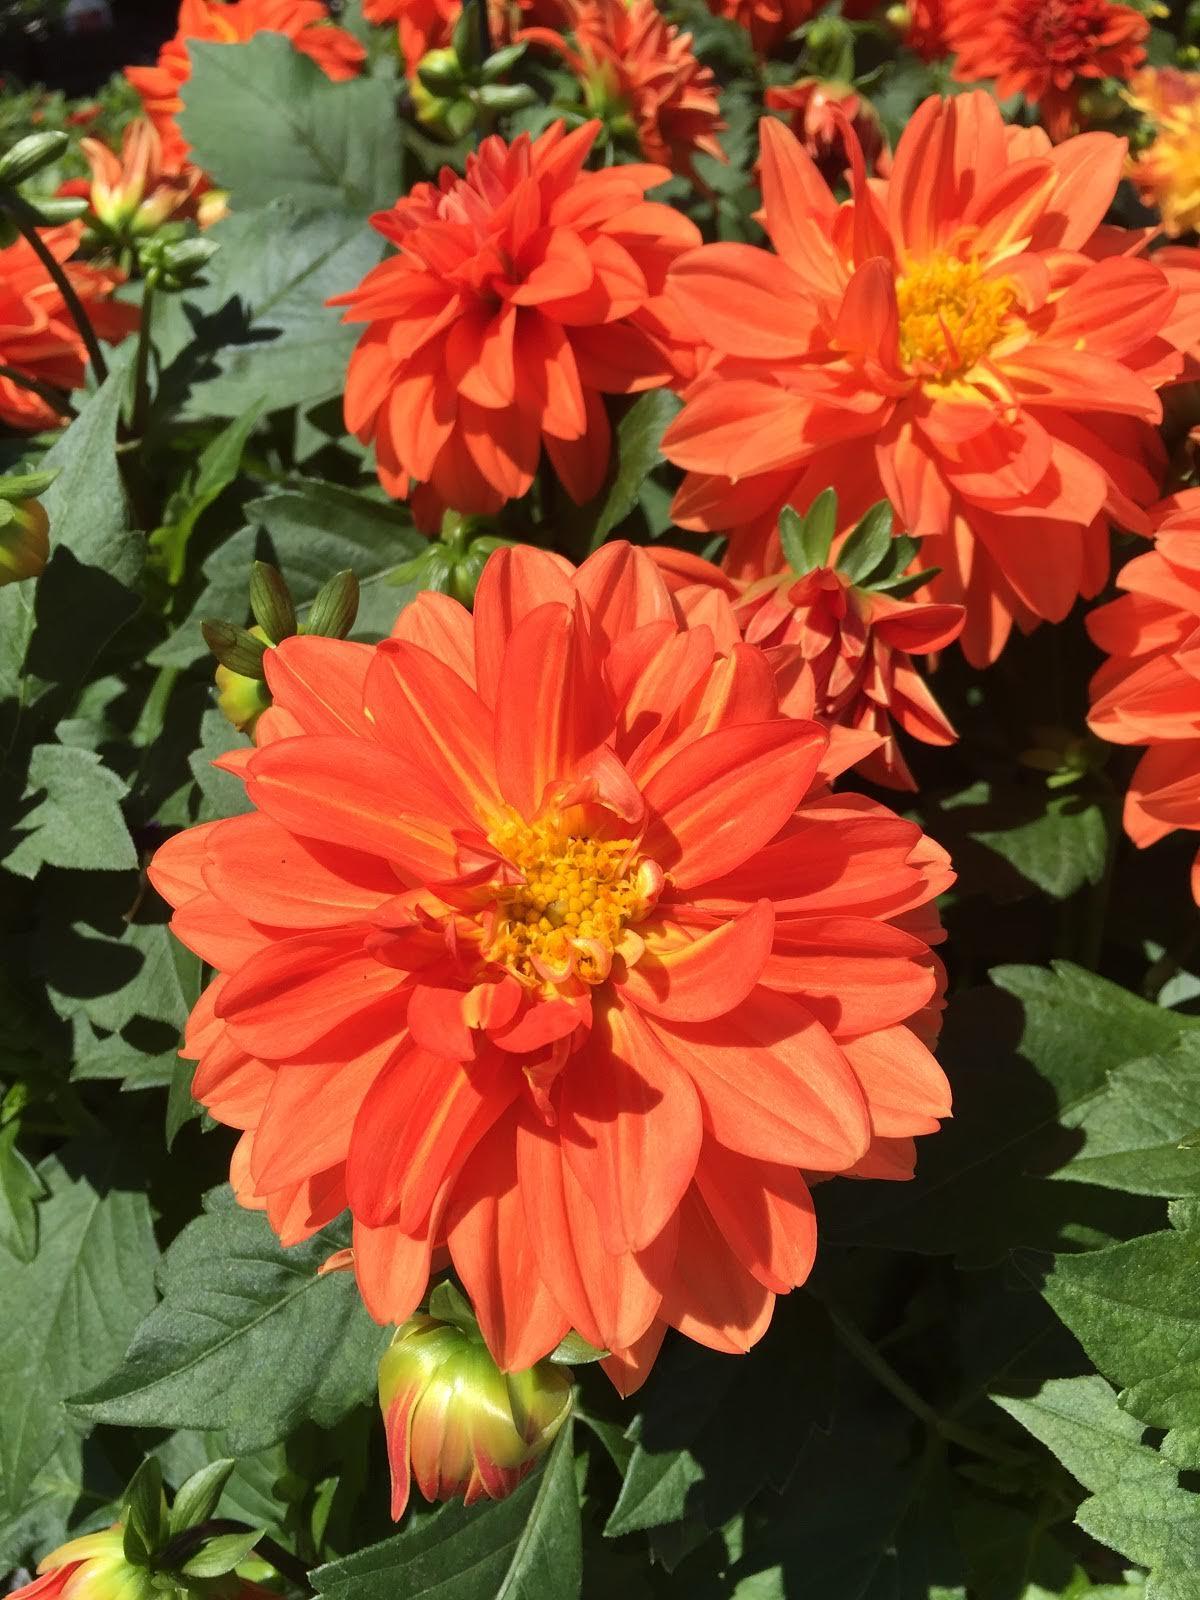 Dahlia-various colors